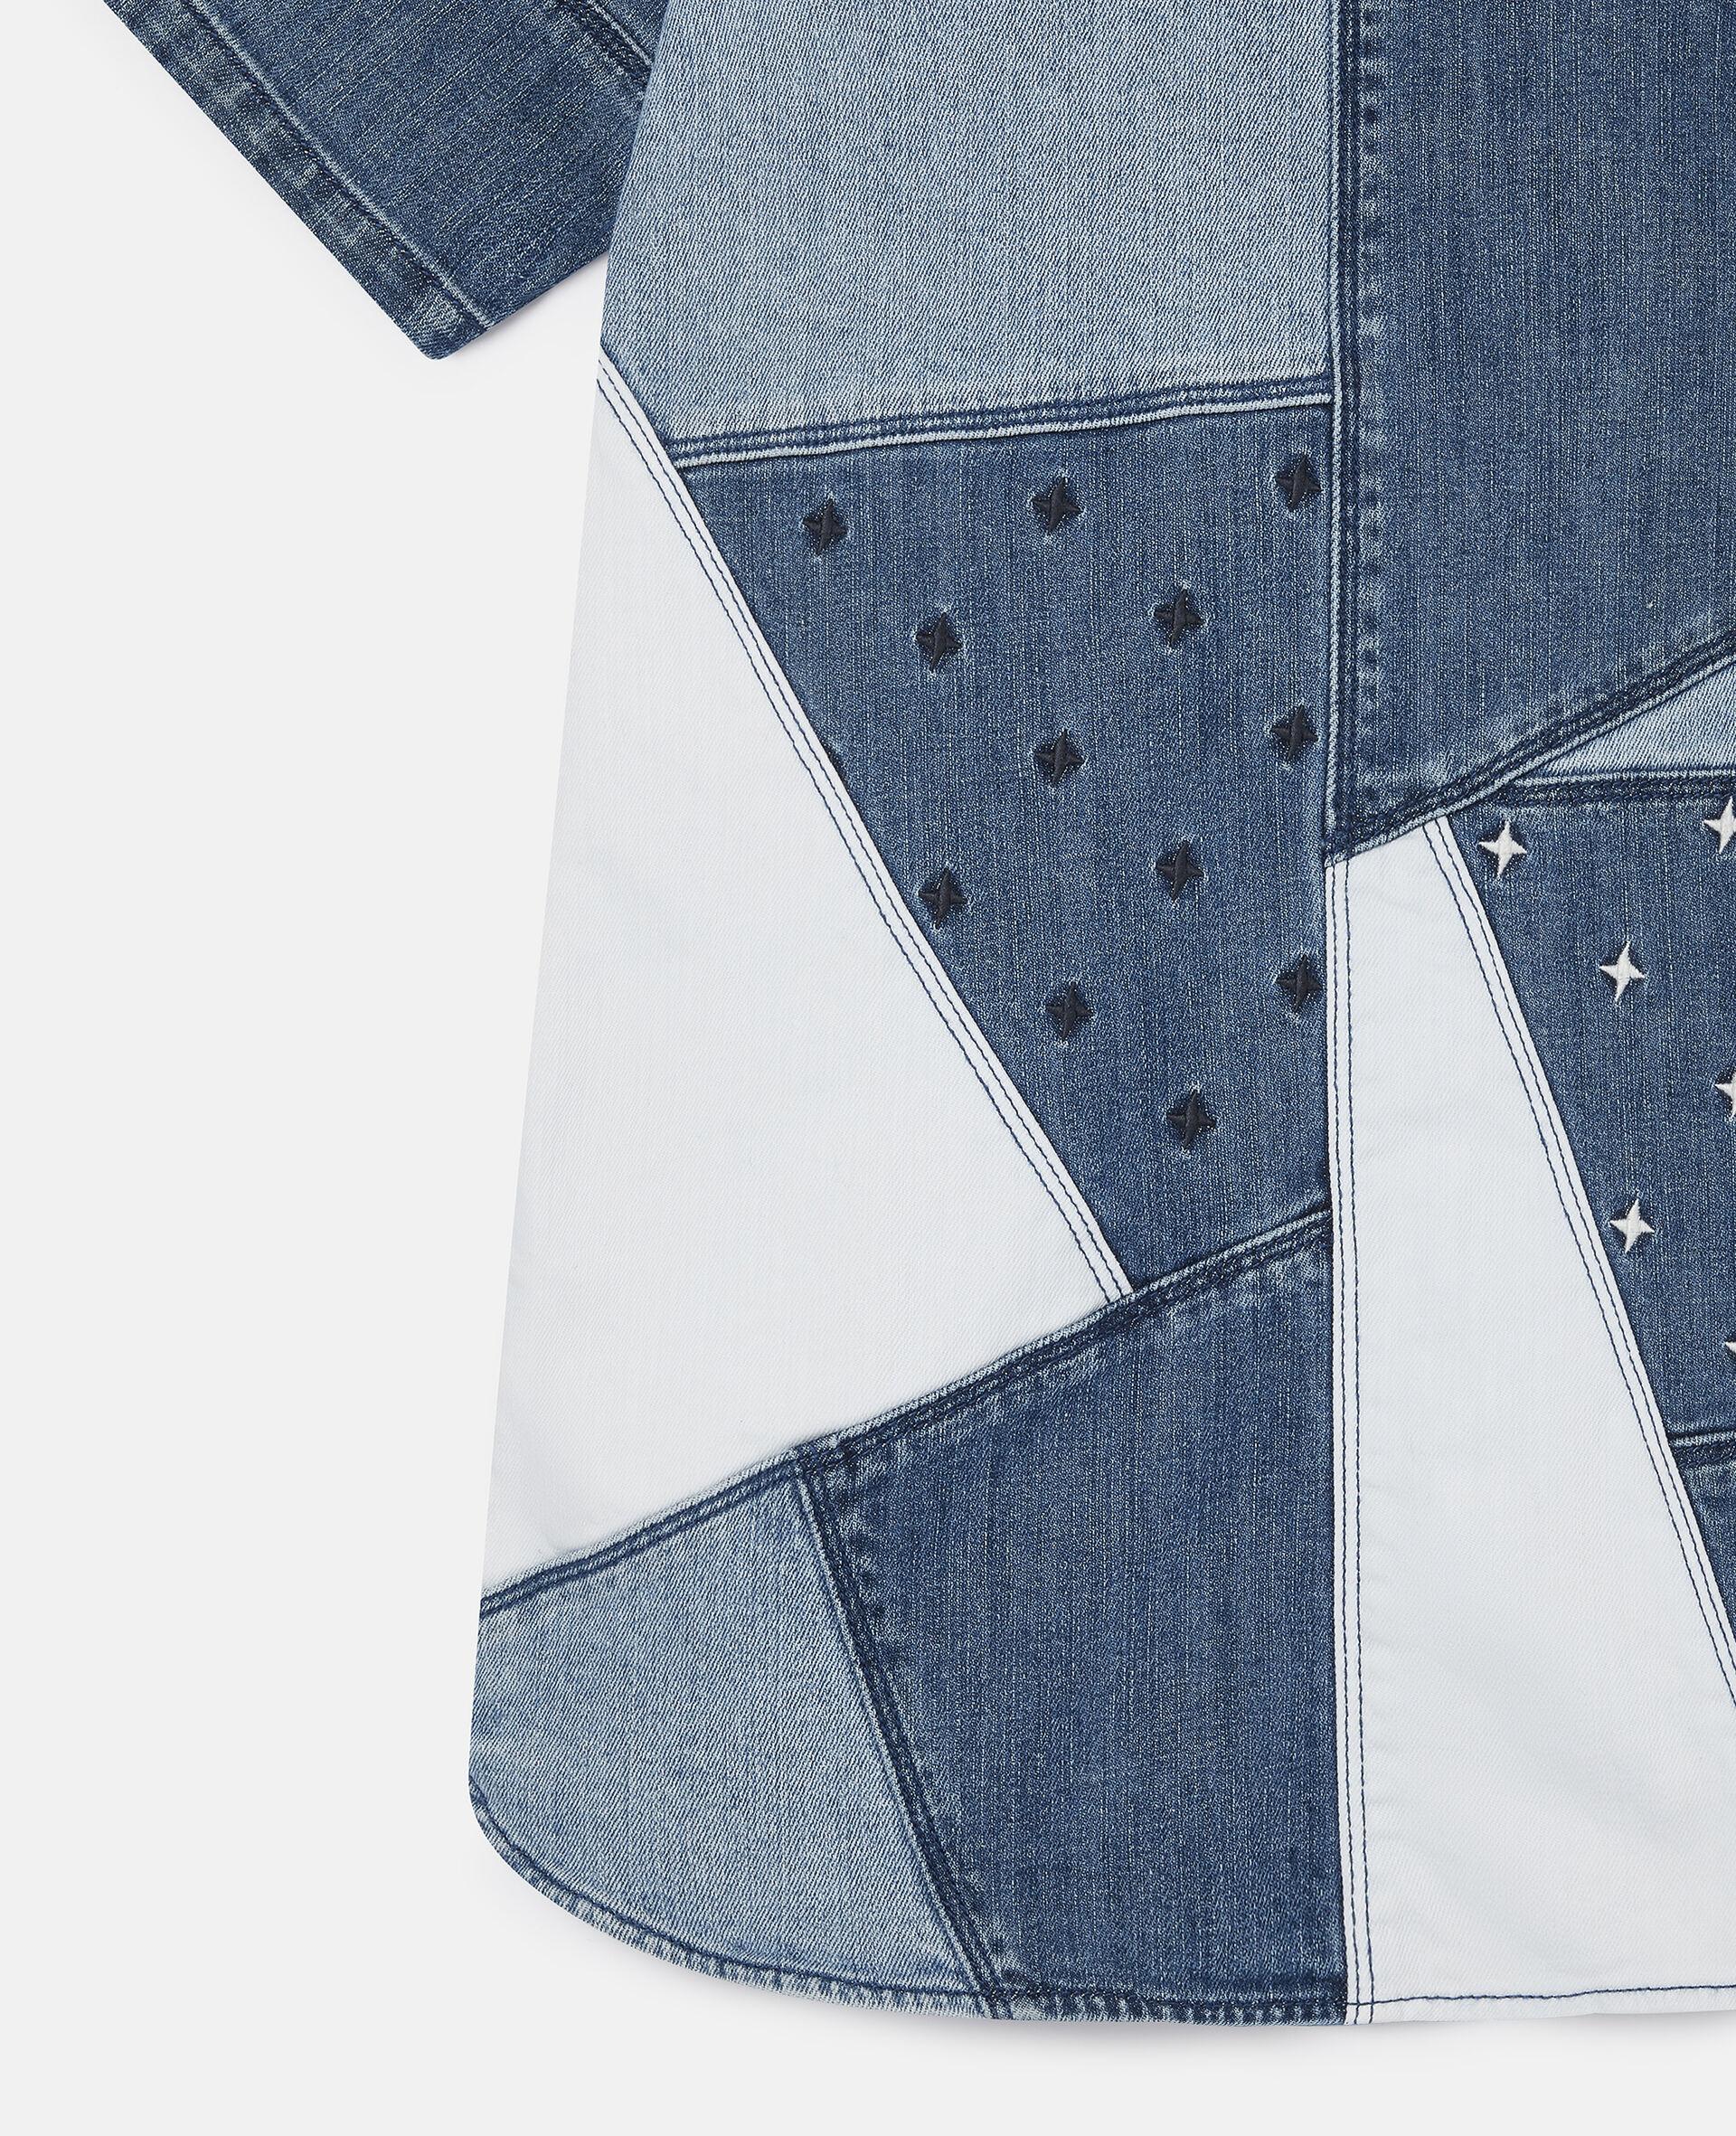 Patchwork-Kleid aus Denim mit Sterne-Stickerei-Blau-large image number 1